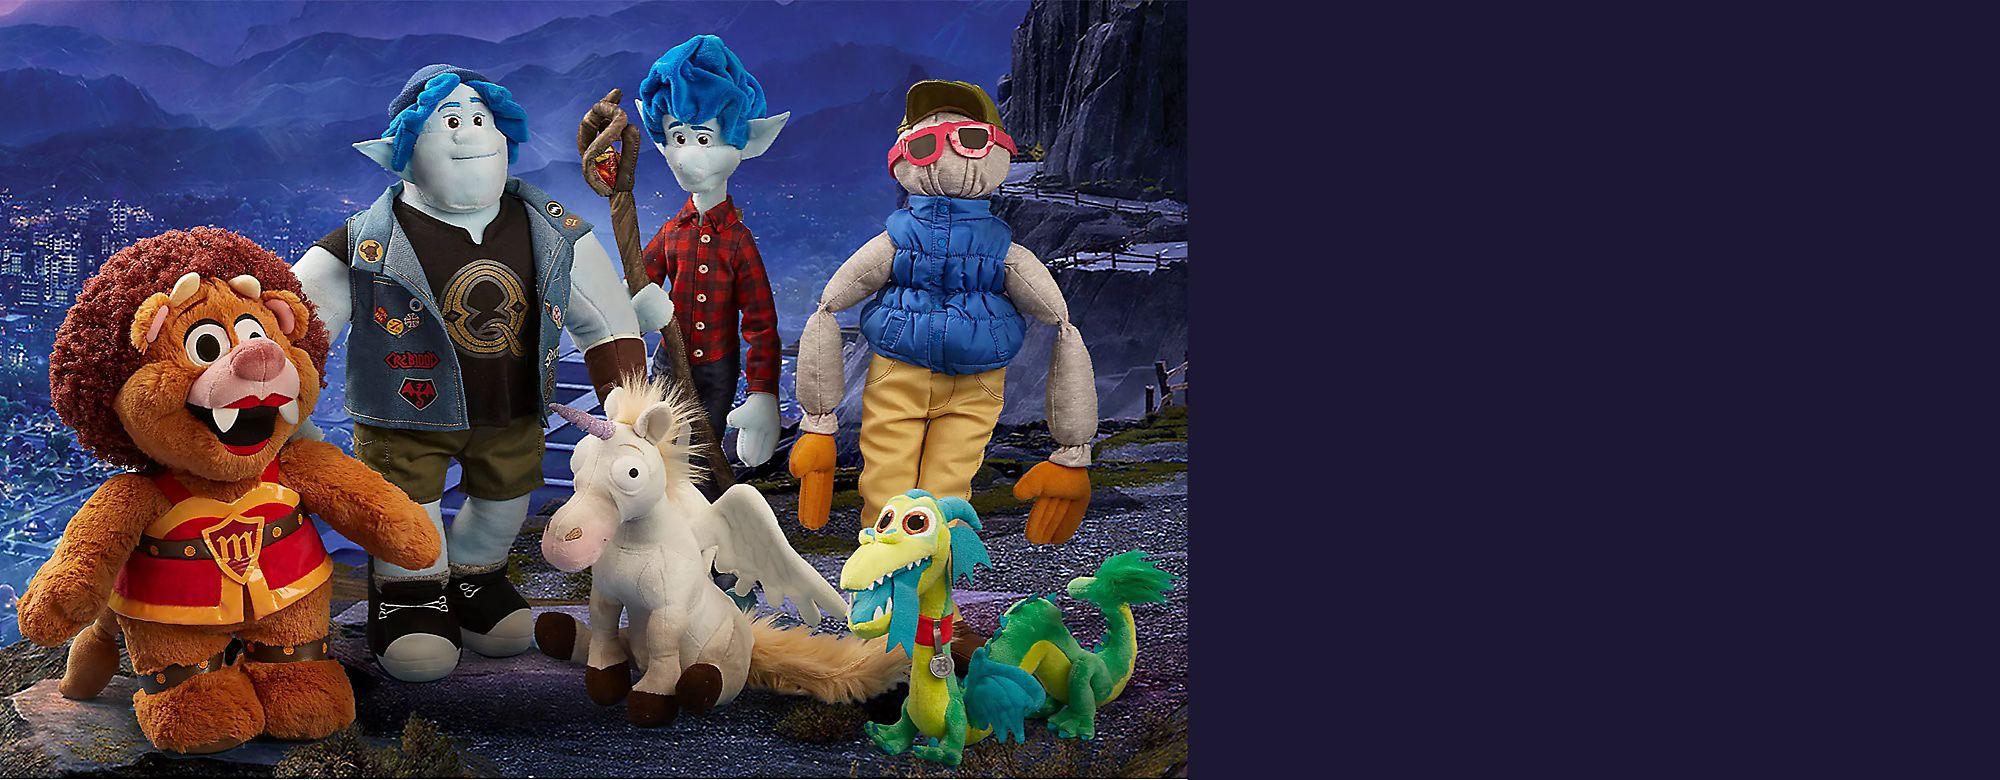 Únete a Ian y Barley en su épica aventura con nuestros juguetes, artículos de papelería y mucho más COMPRAR